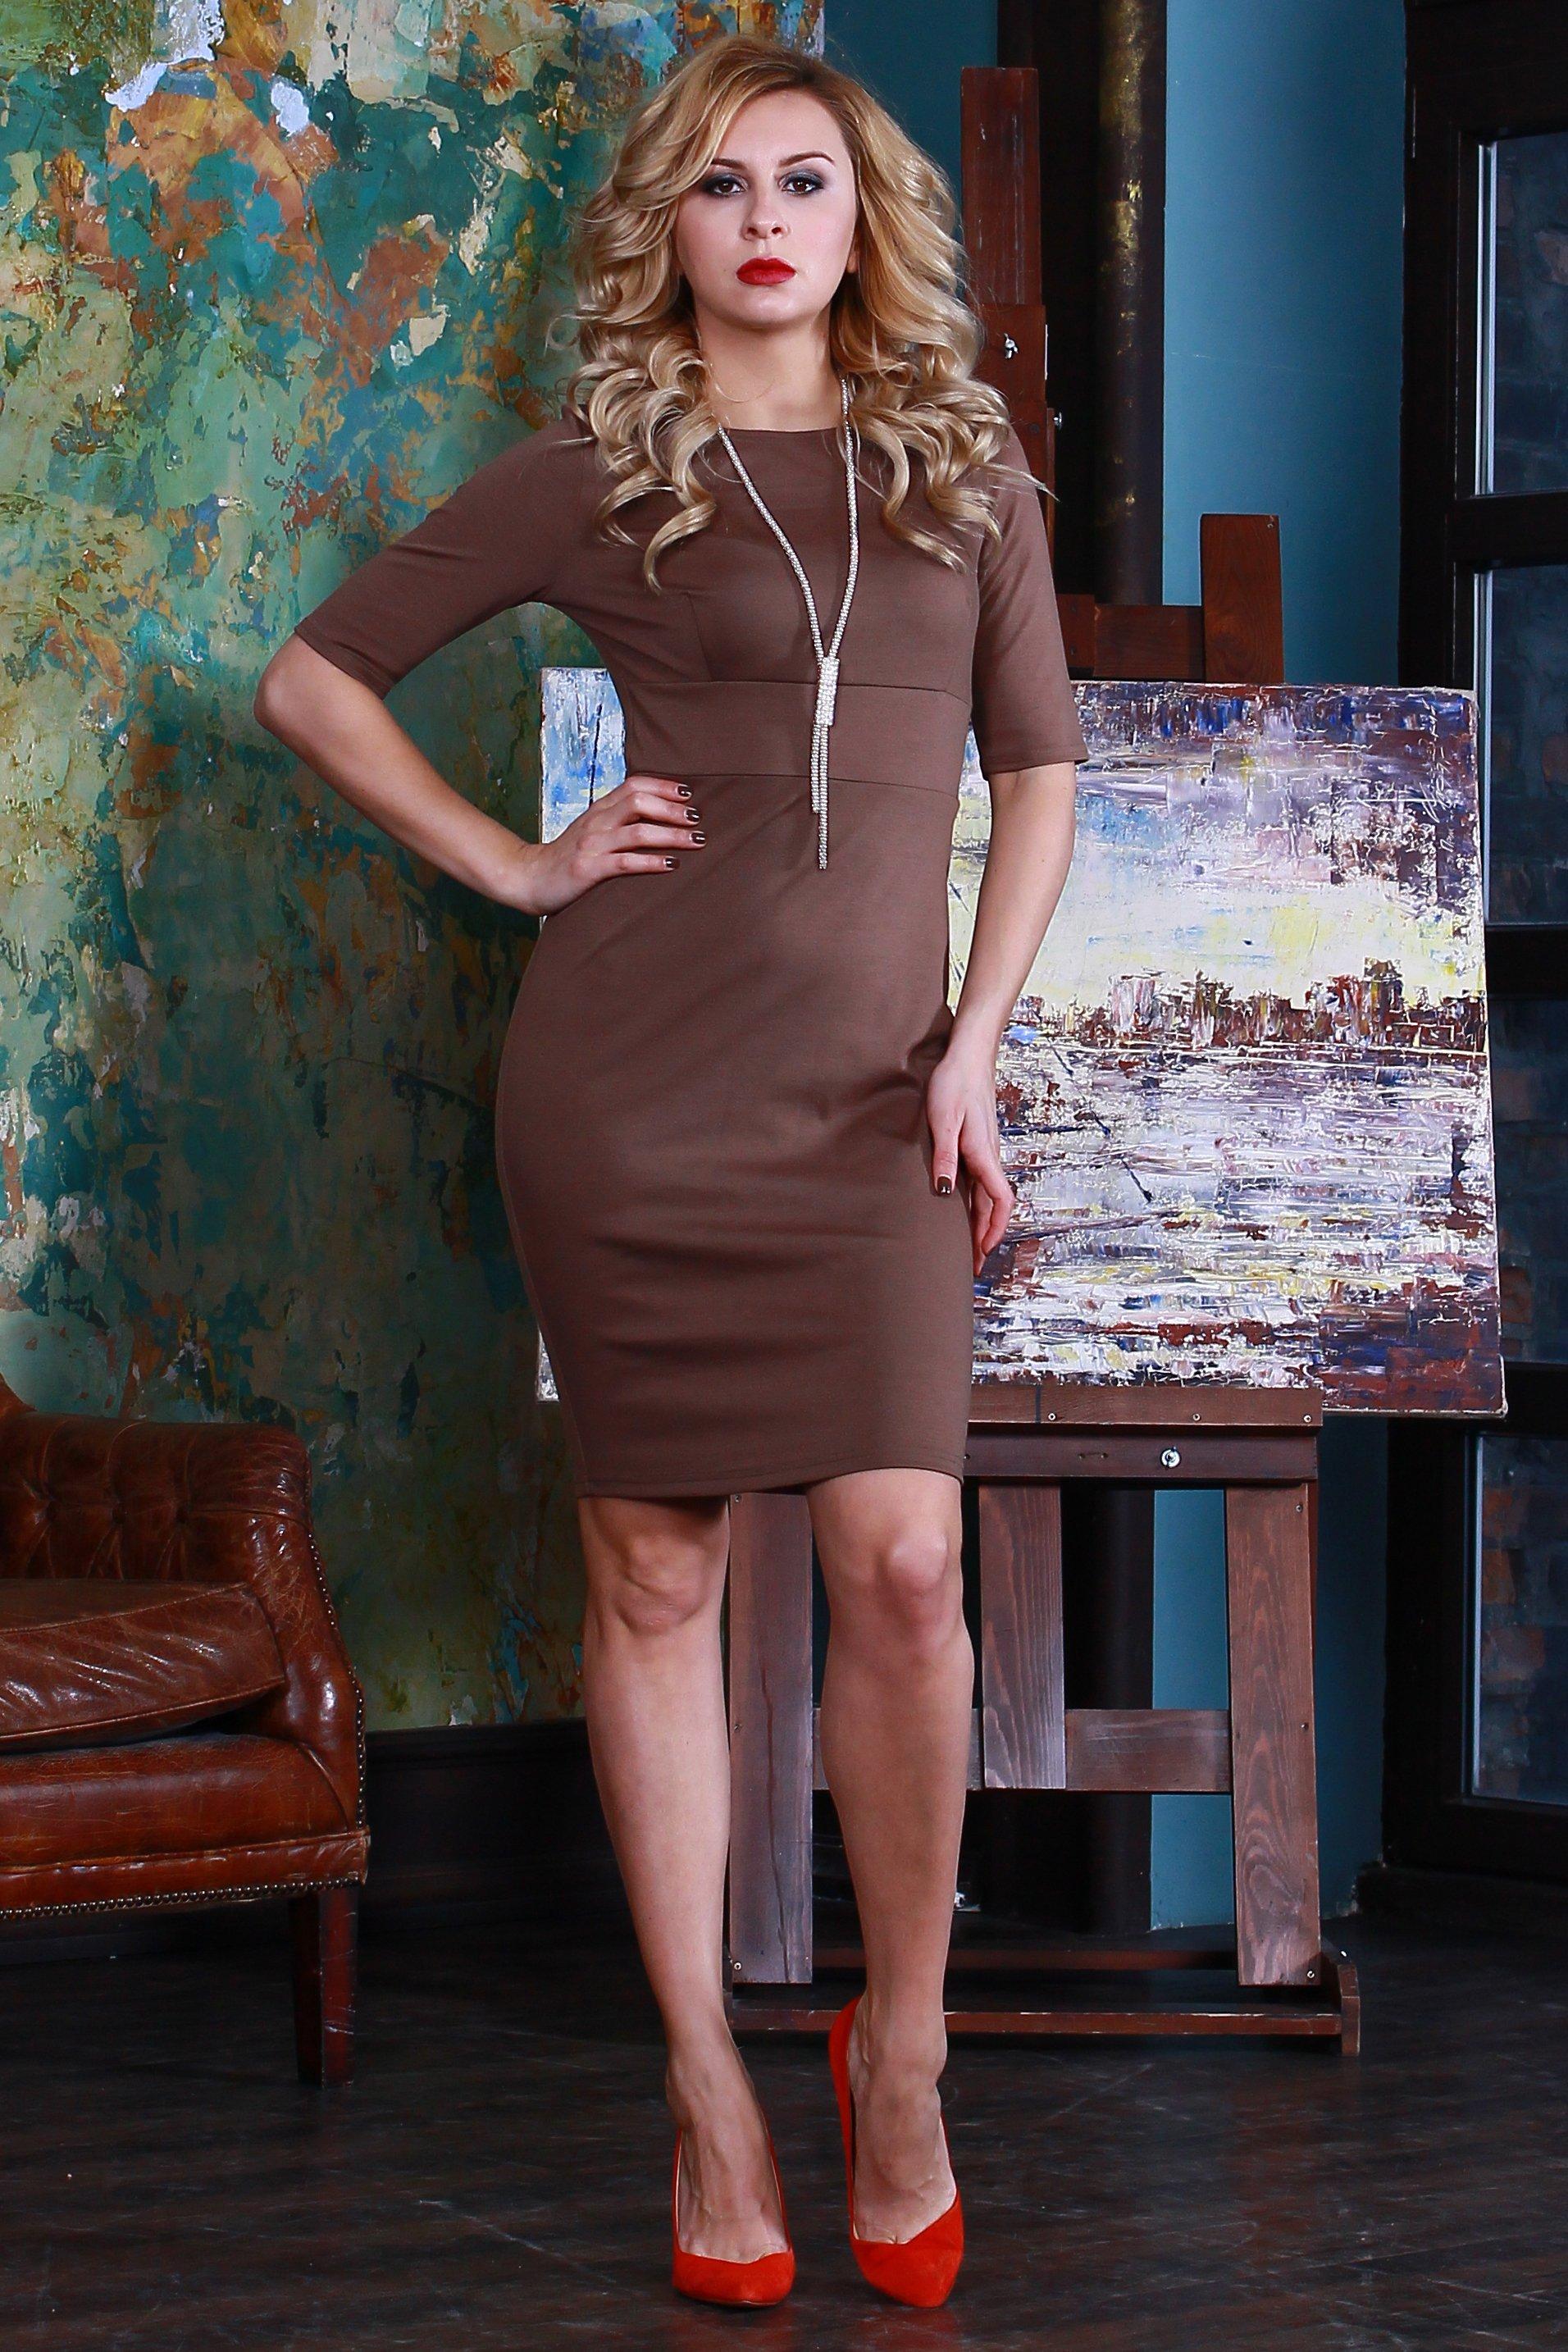 ПлатьеПлатья<br>Платье прилегающего силуэта из полушерстяного трикотажного полотна,  с округлым вырезом горловины и втачным рукавом до локтя. Лаконичный строгий покрой создает идеальный силуэт.  Длина платья от 91 см до 100 см , в зависимости от размера.  Цвет: коричневый  Рост девушки-фотомодели 175 см<br><br>Горловина: С- горловина<br>По длине: До колена<br>По материалу: Трикотаж<br>По рисунку: Однотонные<br>По силуэту: Приталенные<br>По стилю: Классический стиль,Офисный стиль,Повседневный стиль<br>По форме: Платье - футляр<br>Рукав: До локтя<br>По сезону: Осень,Весна,Зима<br>Размер : 48,52,54<br>Материал: Джерси<br>Количество в наличии: 3